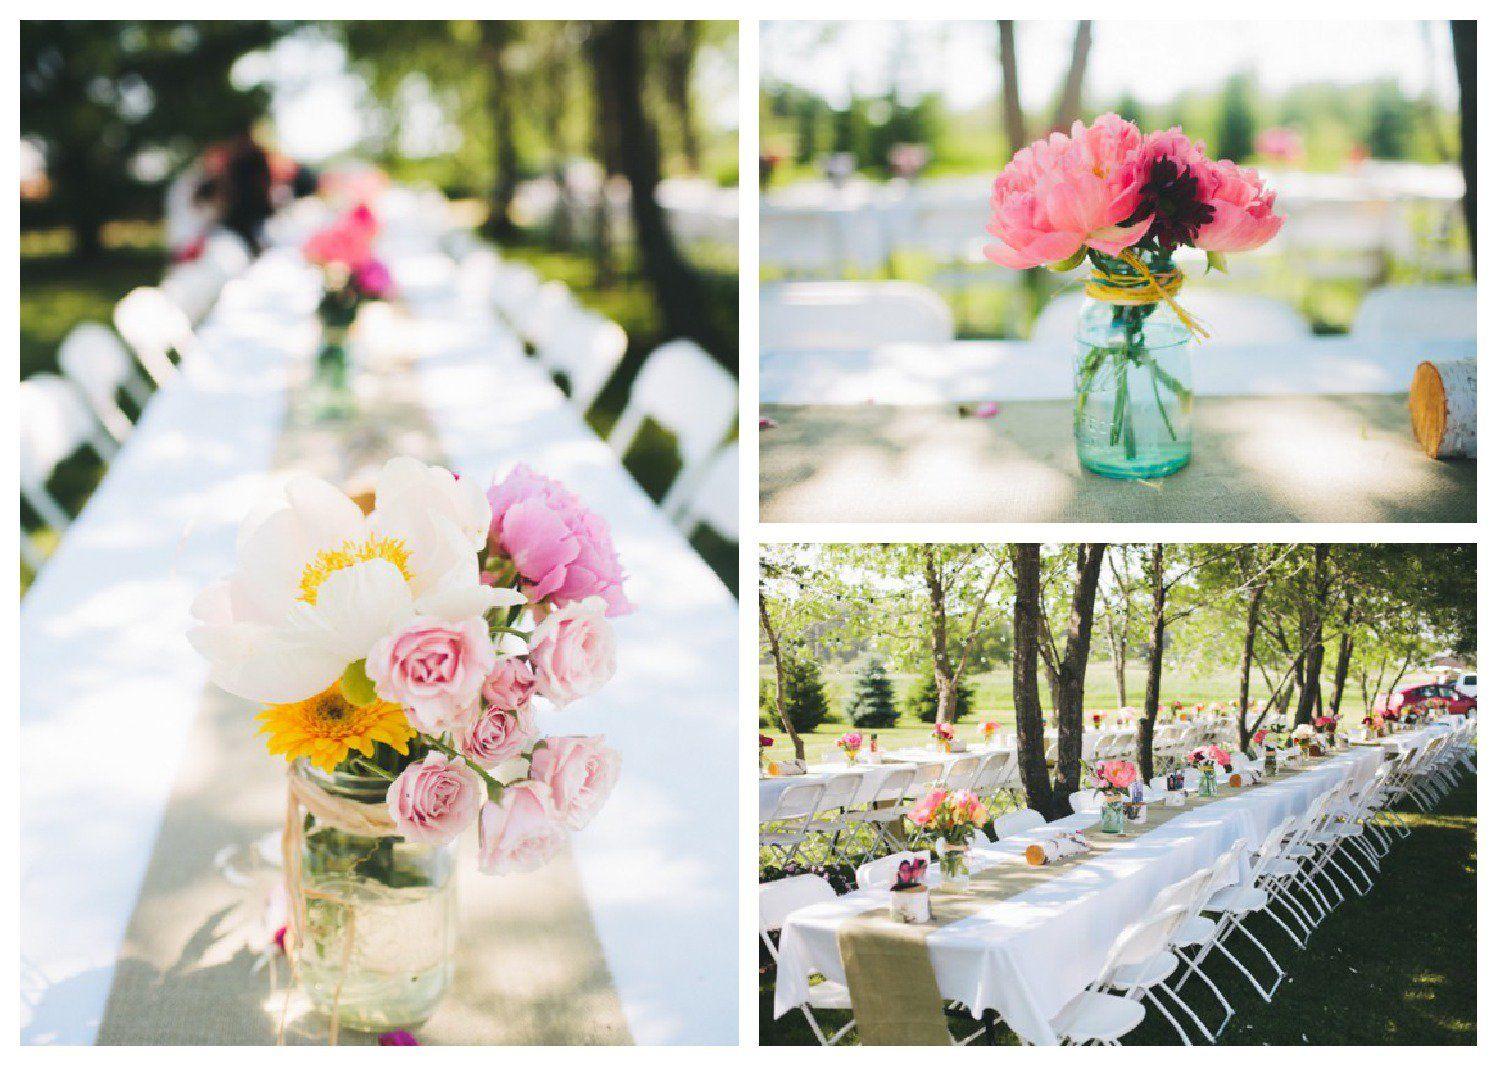 Rustic Wedding Centerpiece Ideas | Rustic wedding centrepieces ...